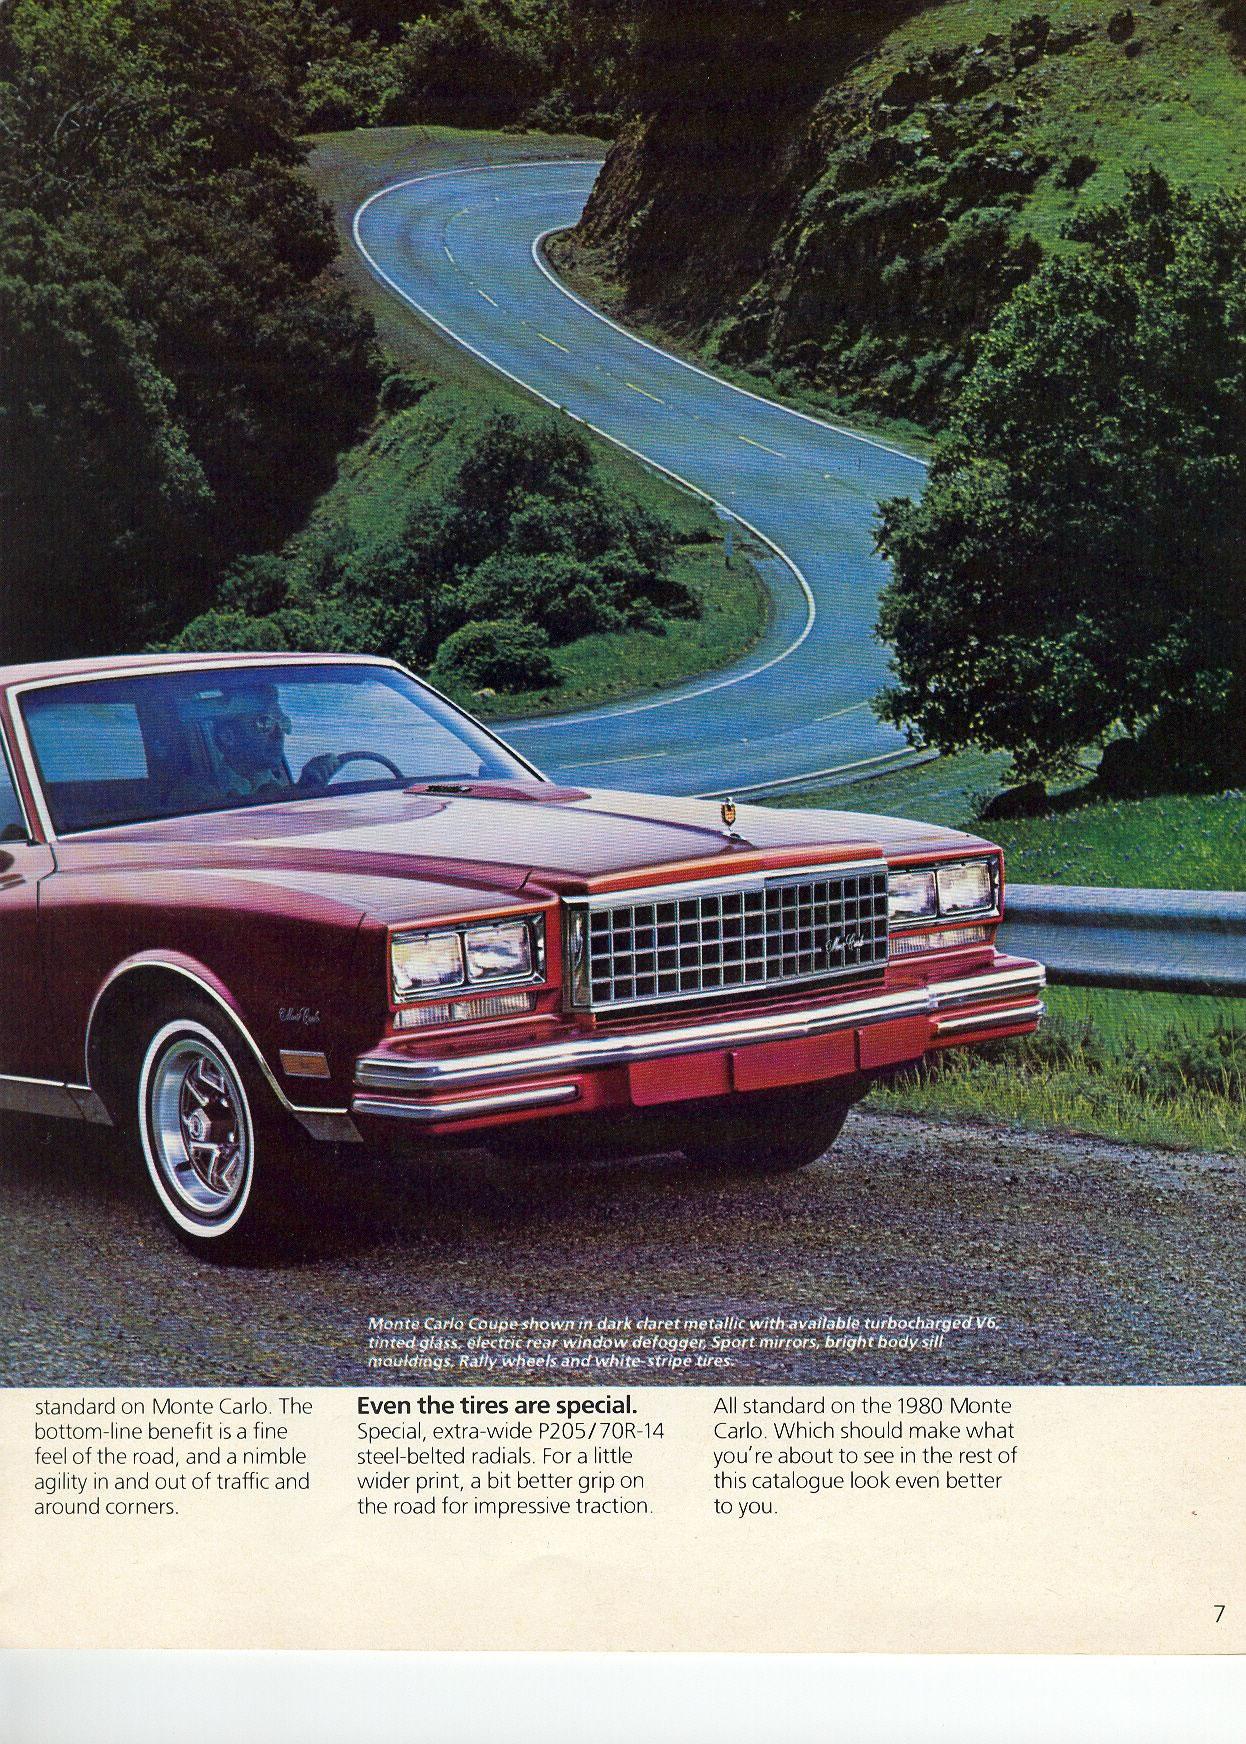 1980 Chevrolet Monte Carlo Brochure/1980_chevrolet_monte-carlo_06.jpg